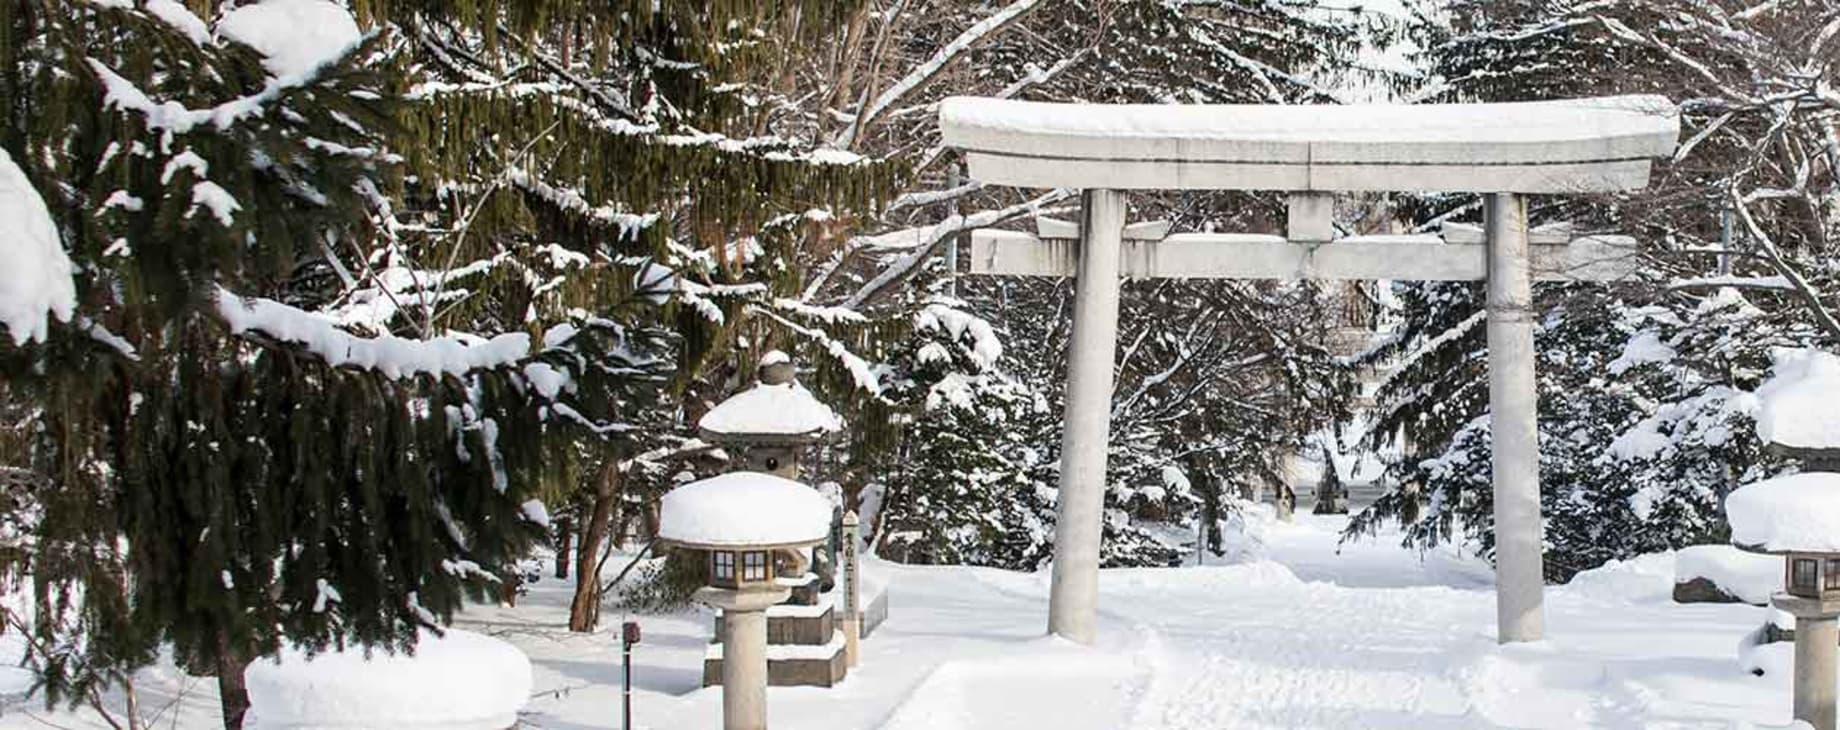 The Ginto Hirafu Estate Video